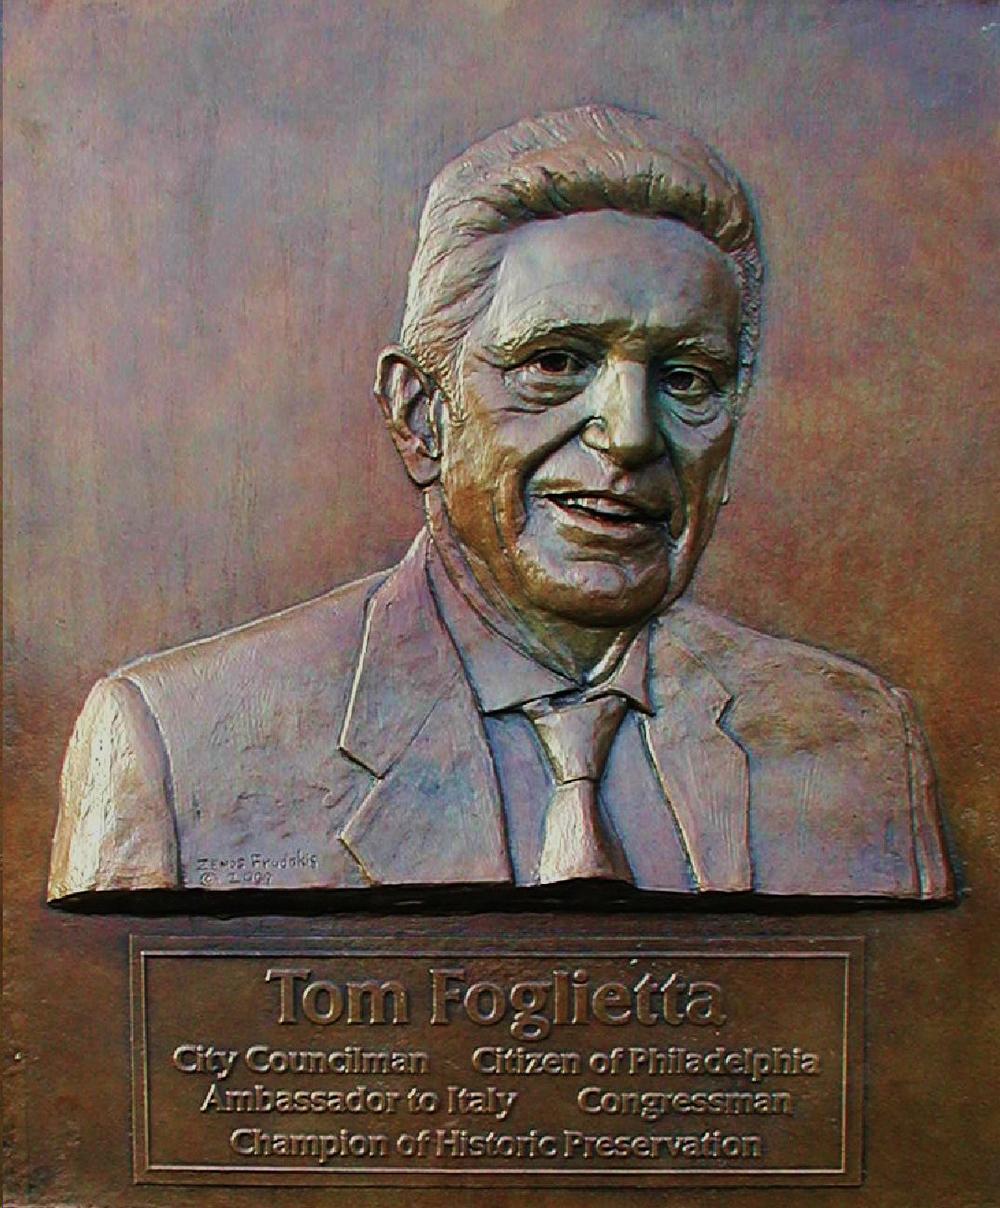 Tom Foglietta, relief sculpture